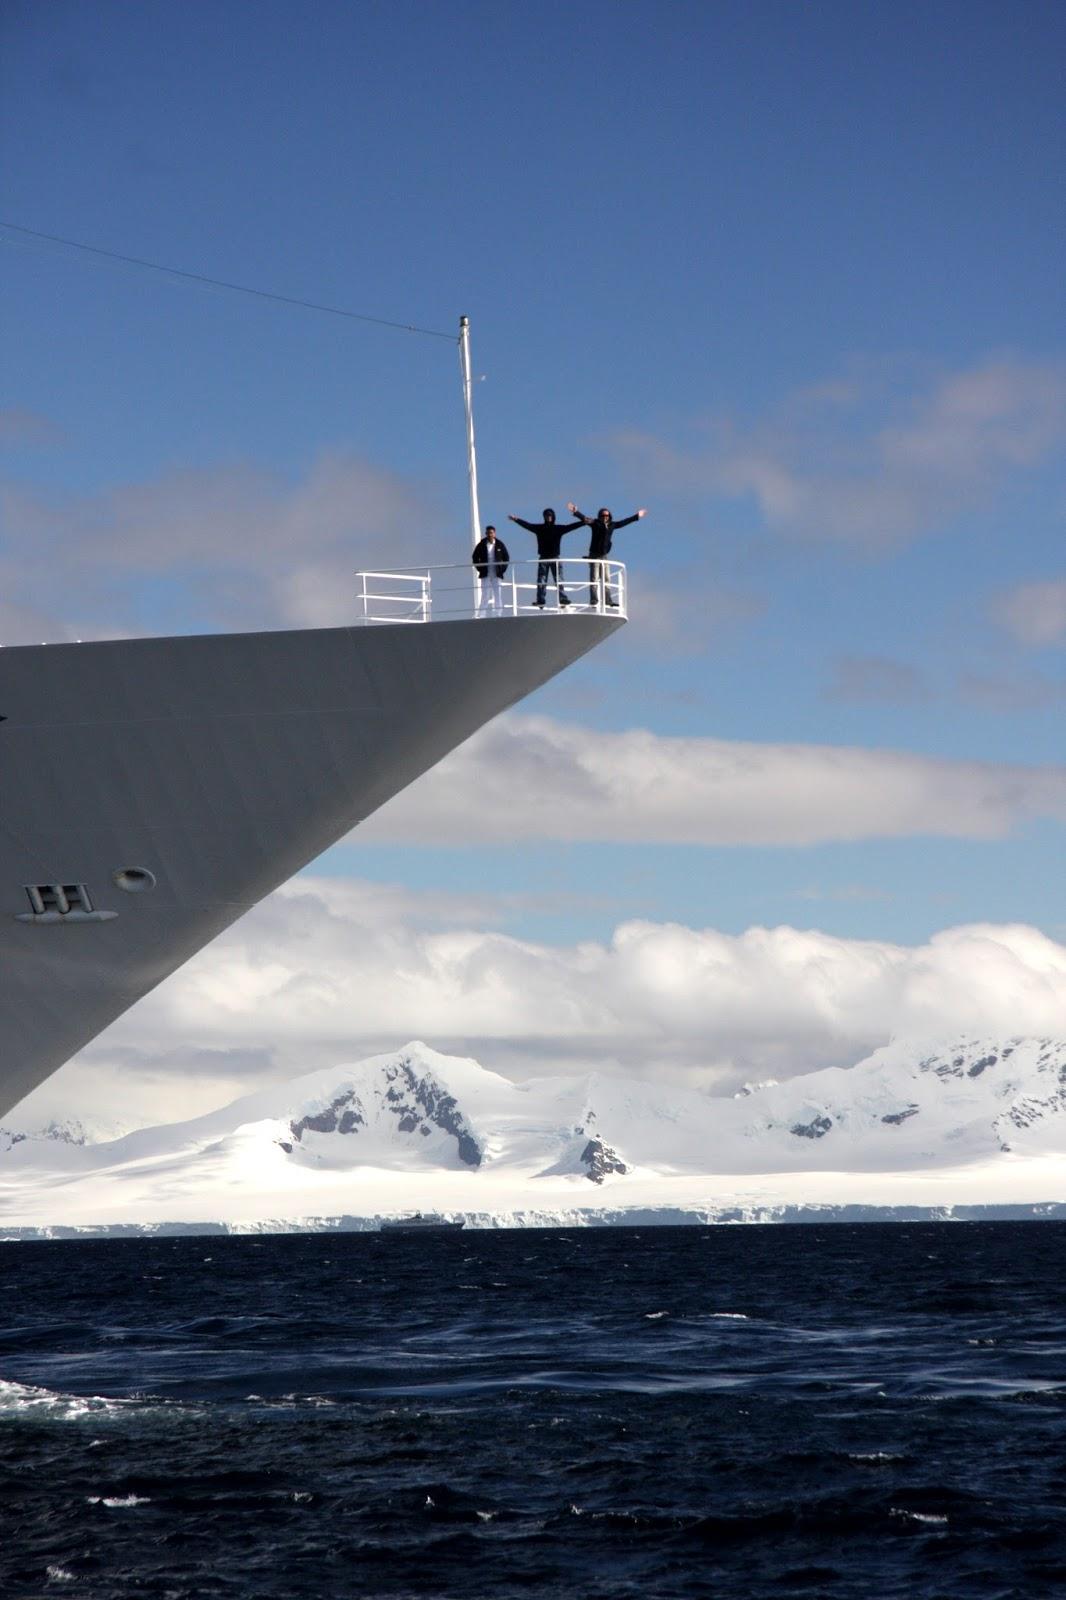 d63fd-antarcticamdry2b252862529